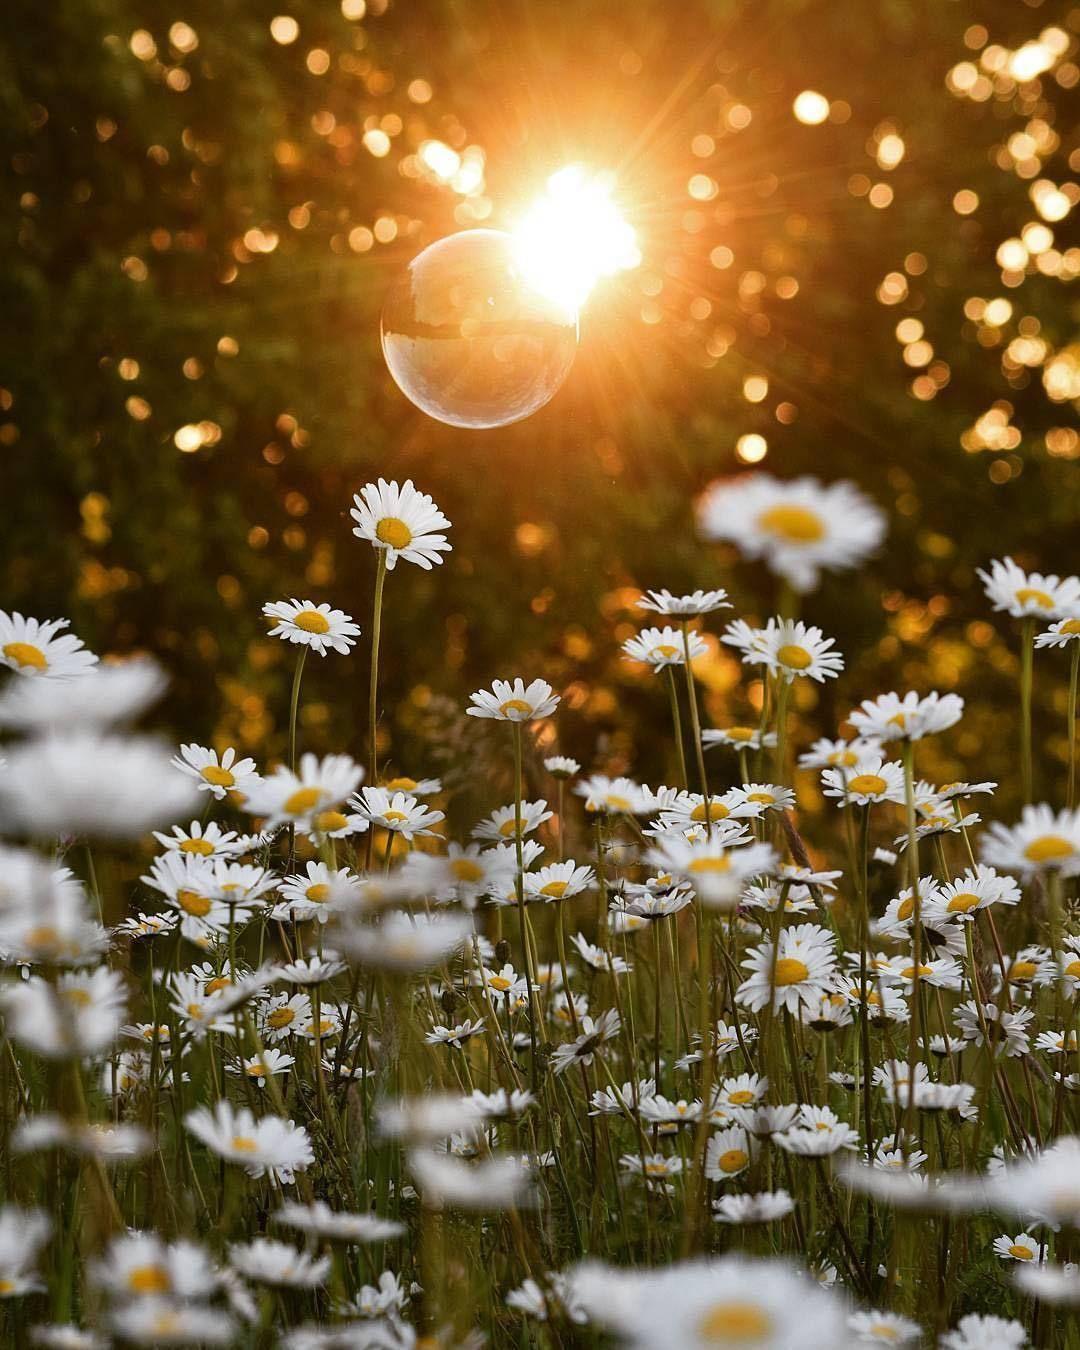 это солнечное утро картинки красивые необычные нежные здесь особенно